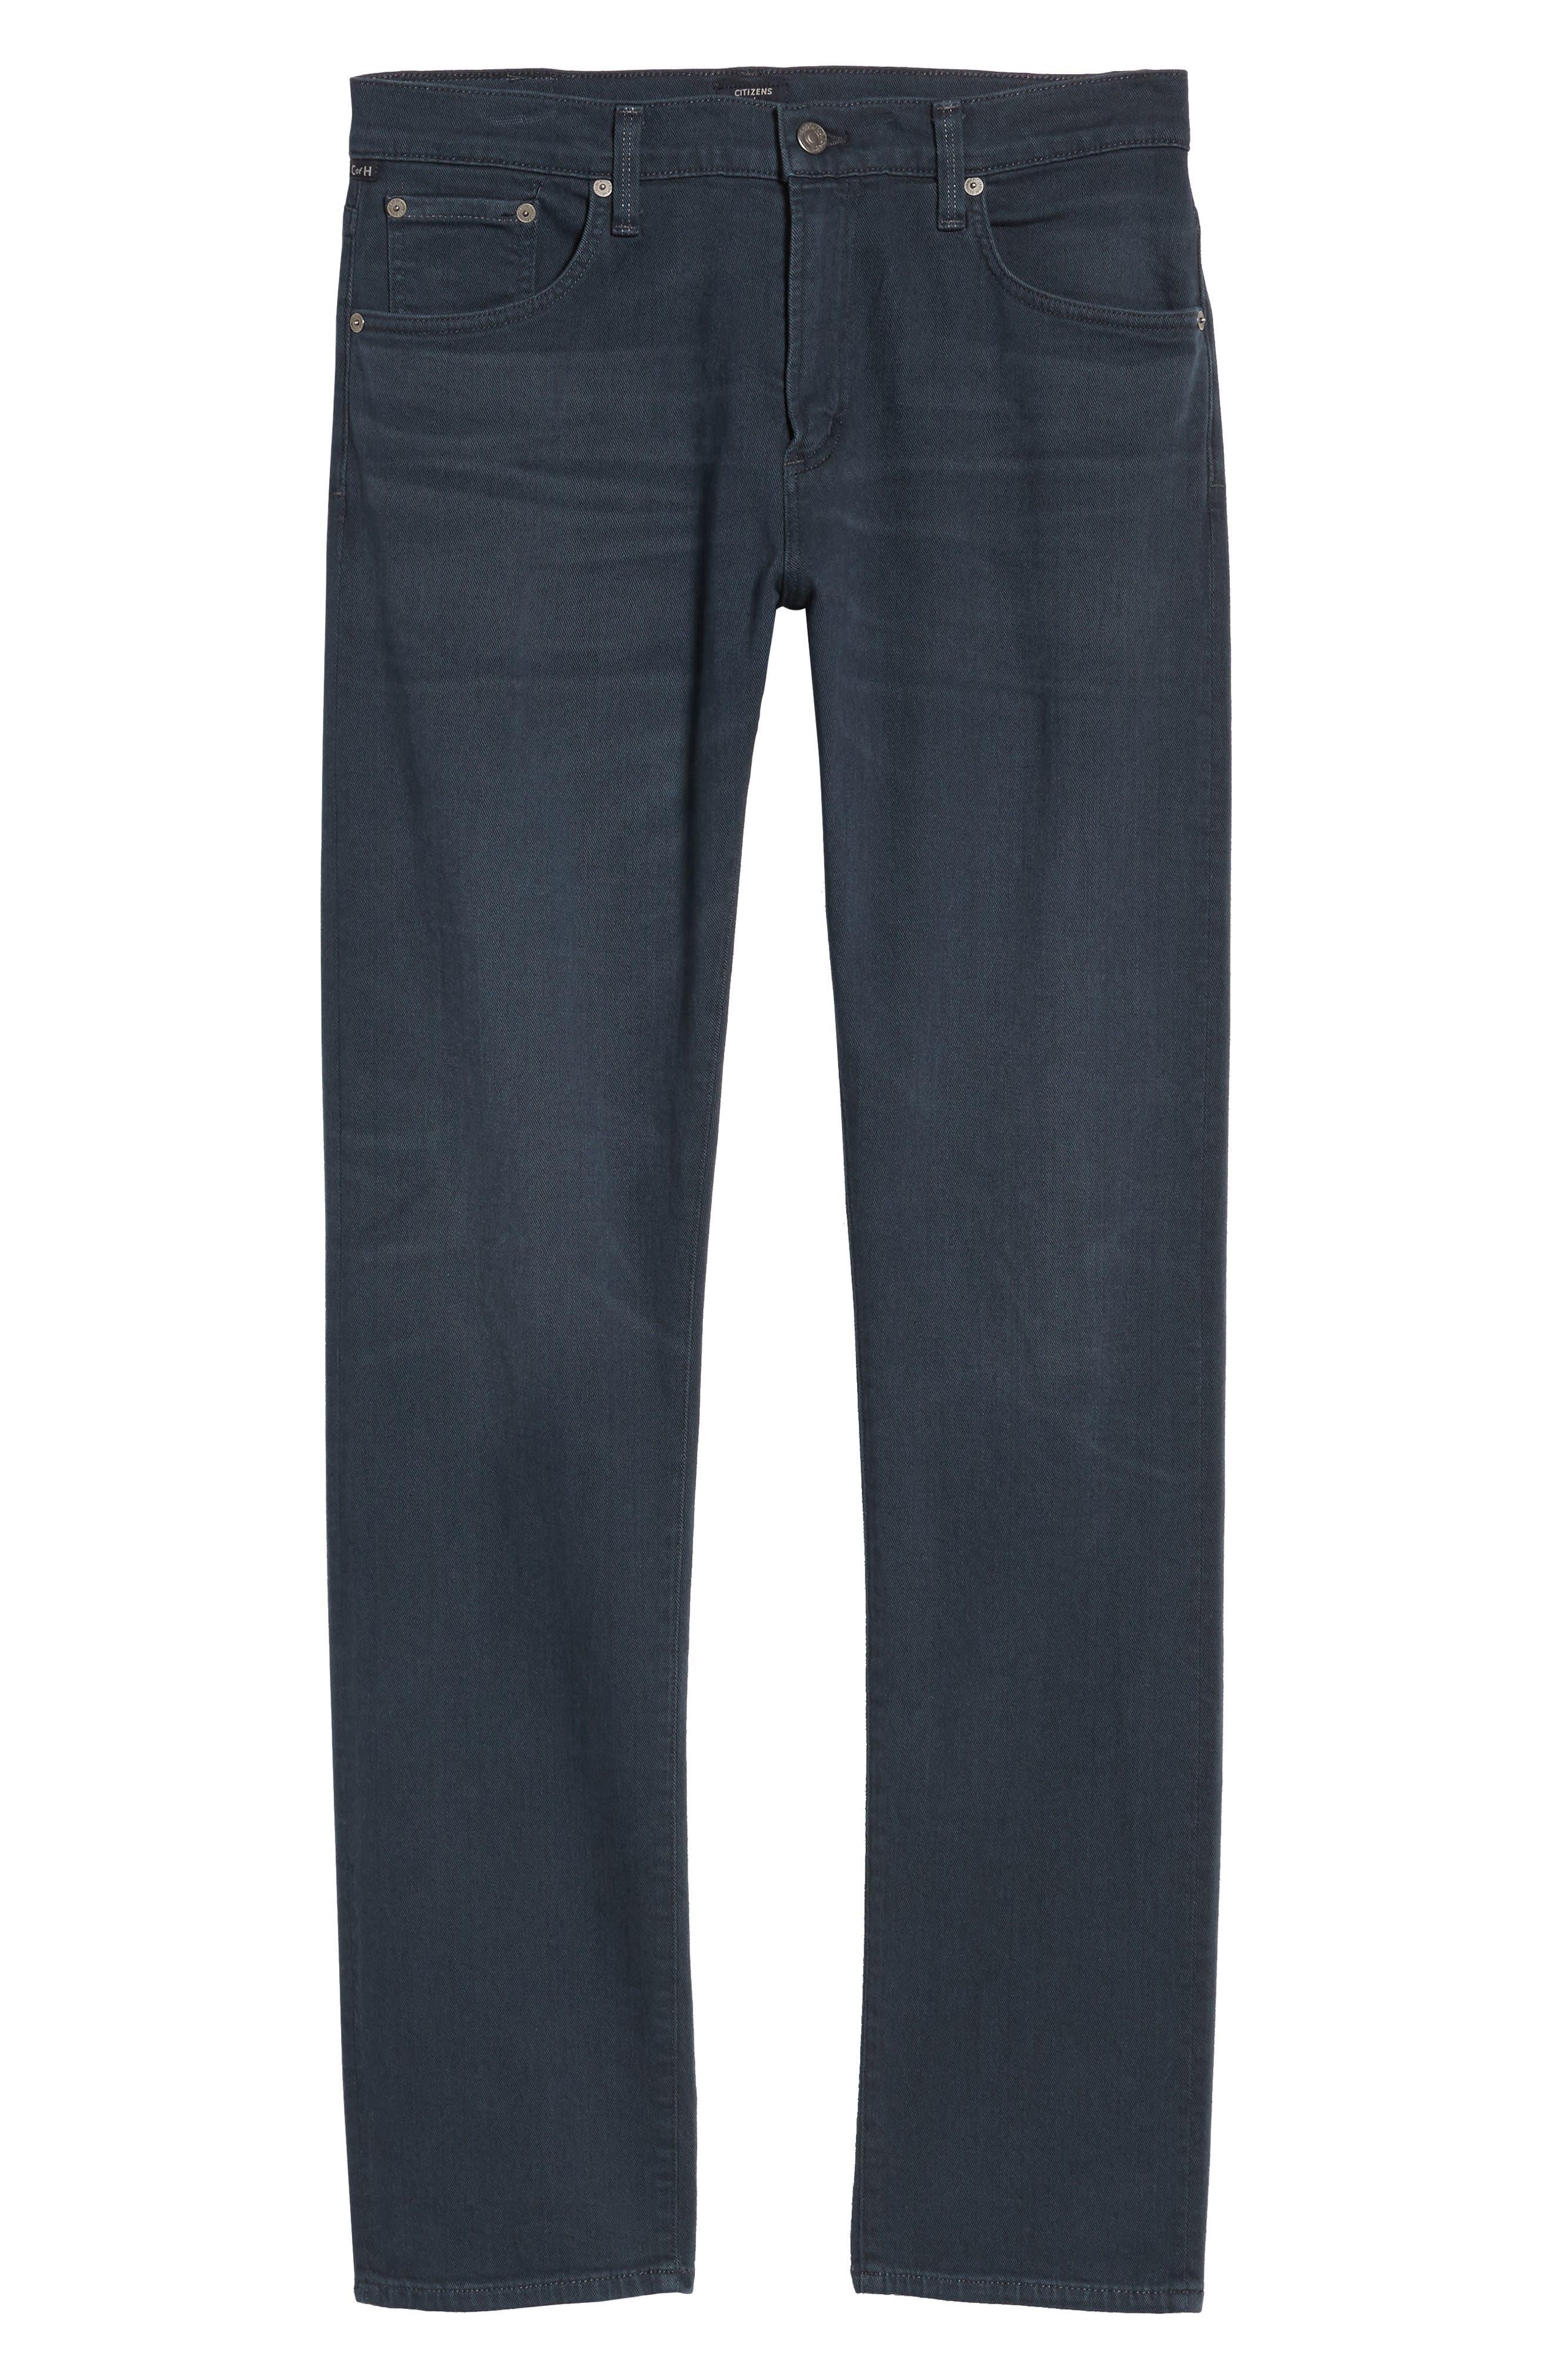 Core Slim Fit Jeans,                             Alternate thumbnail 6, color,                             MECCA